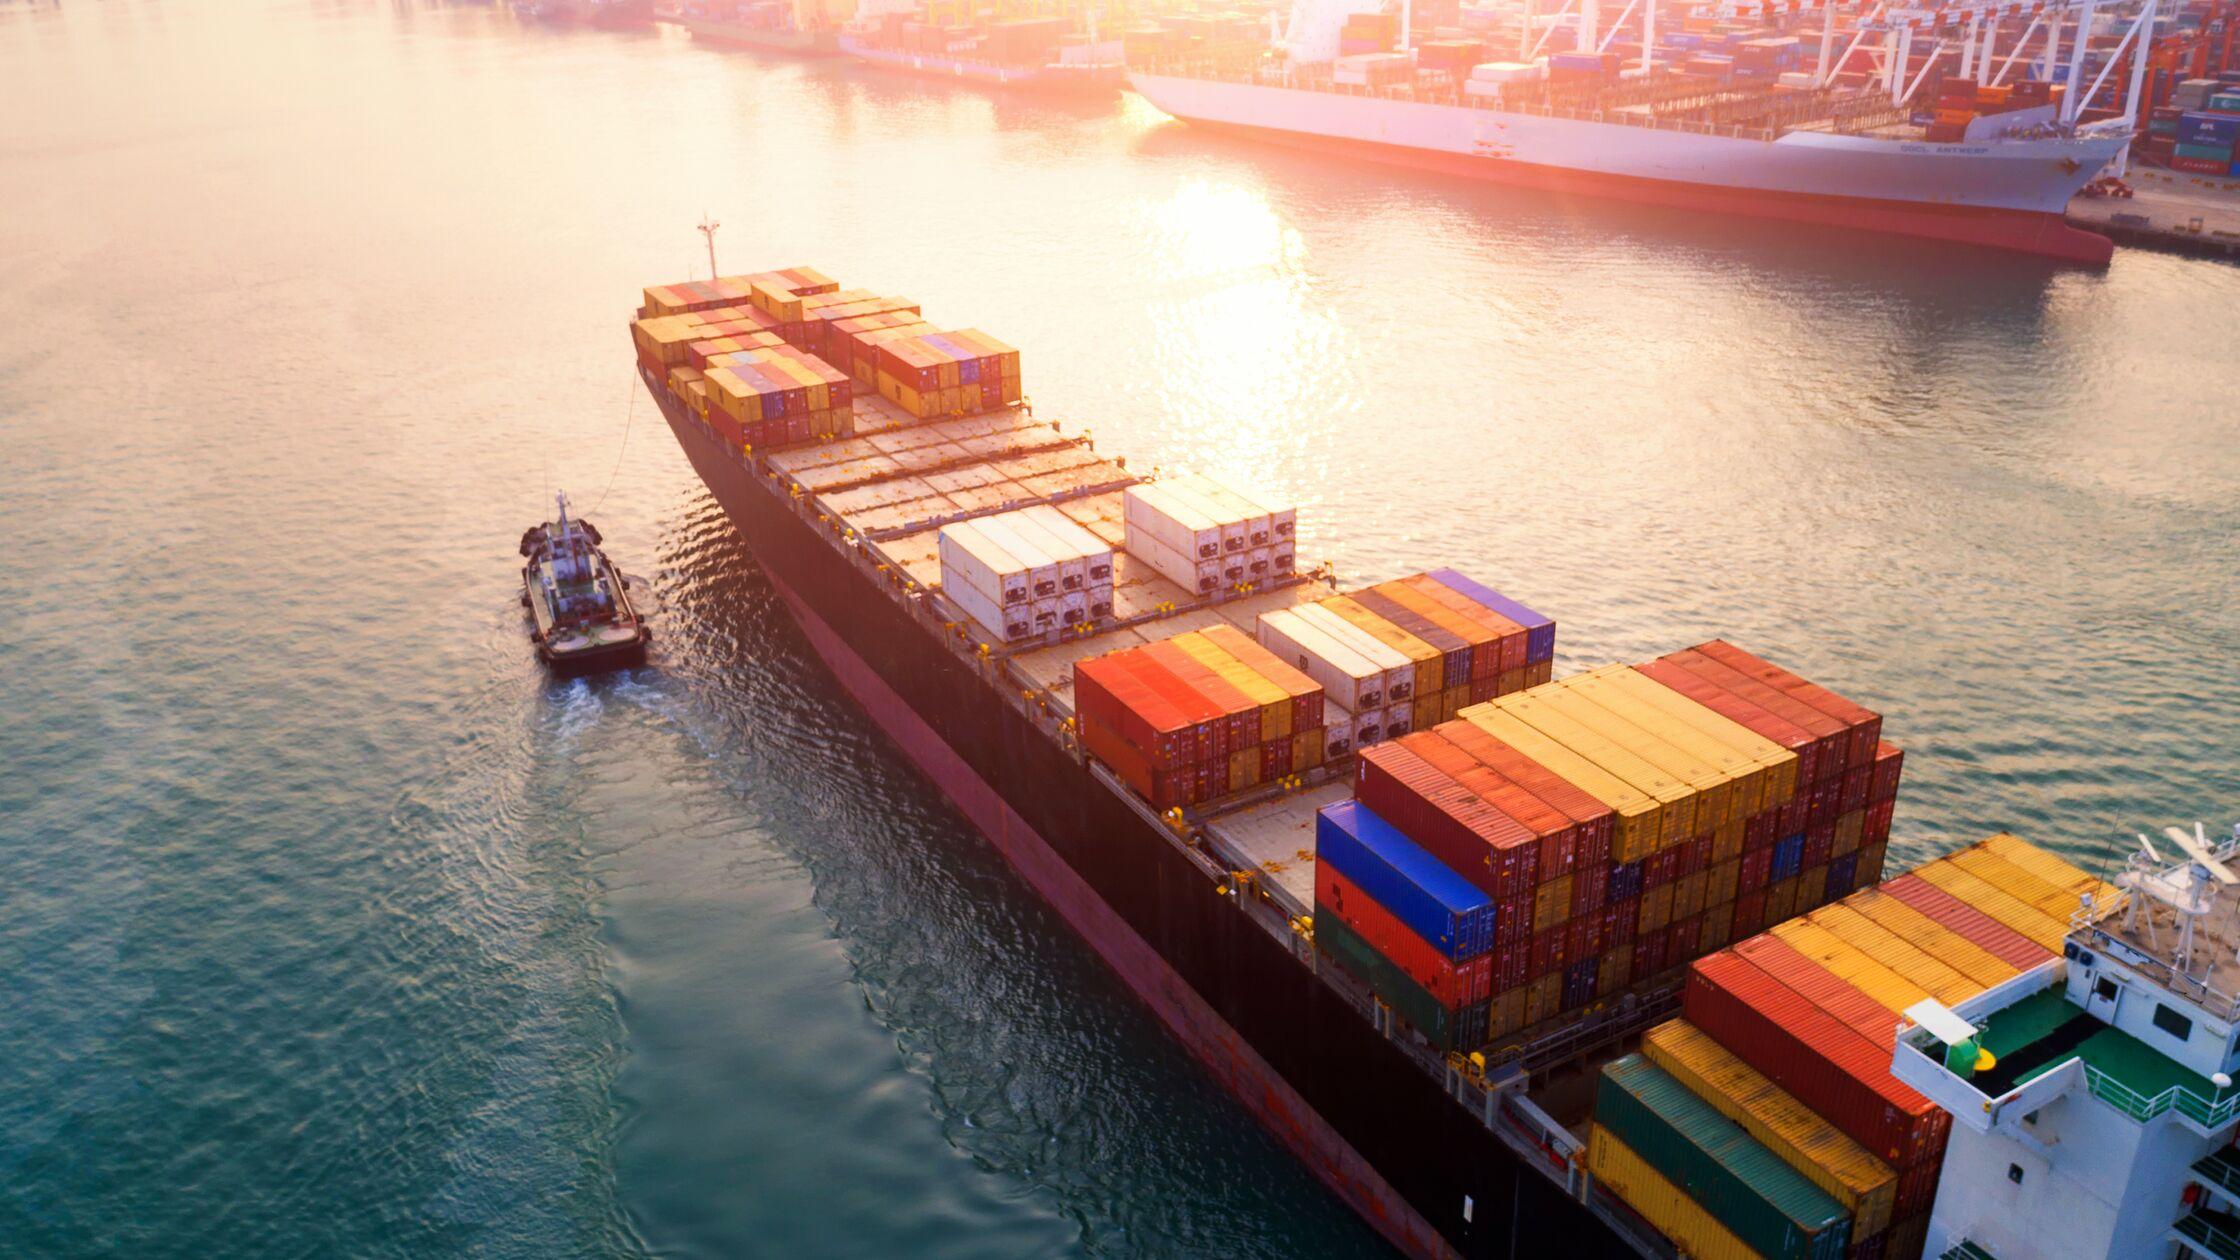 Sachen bei Umzug ins Ausland mit einem Schiff transportieren